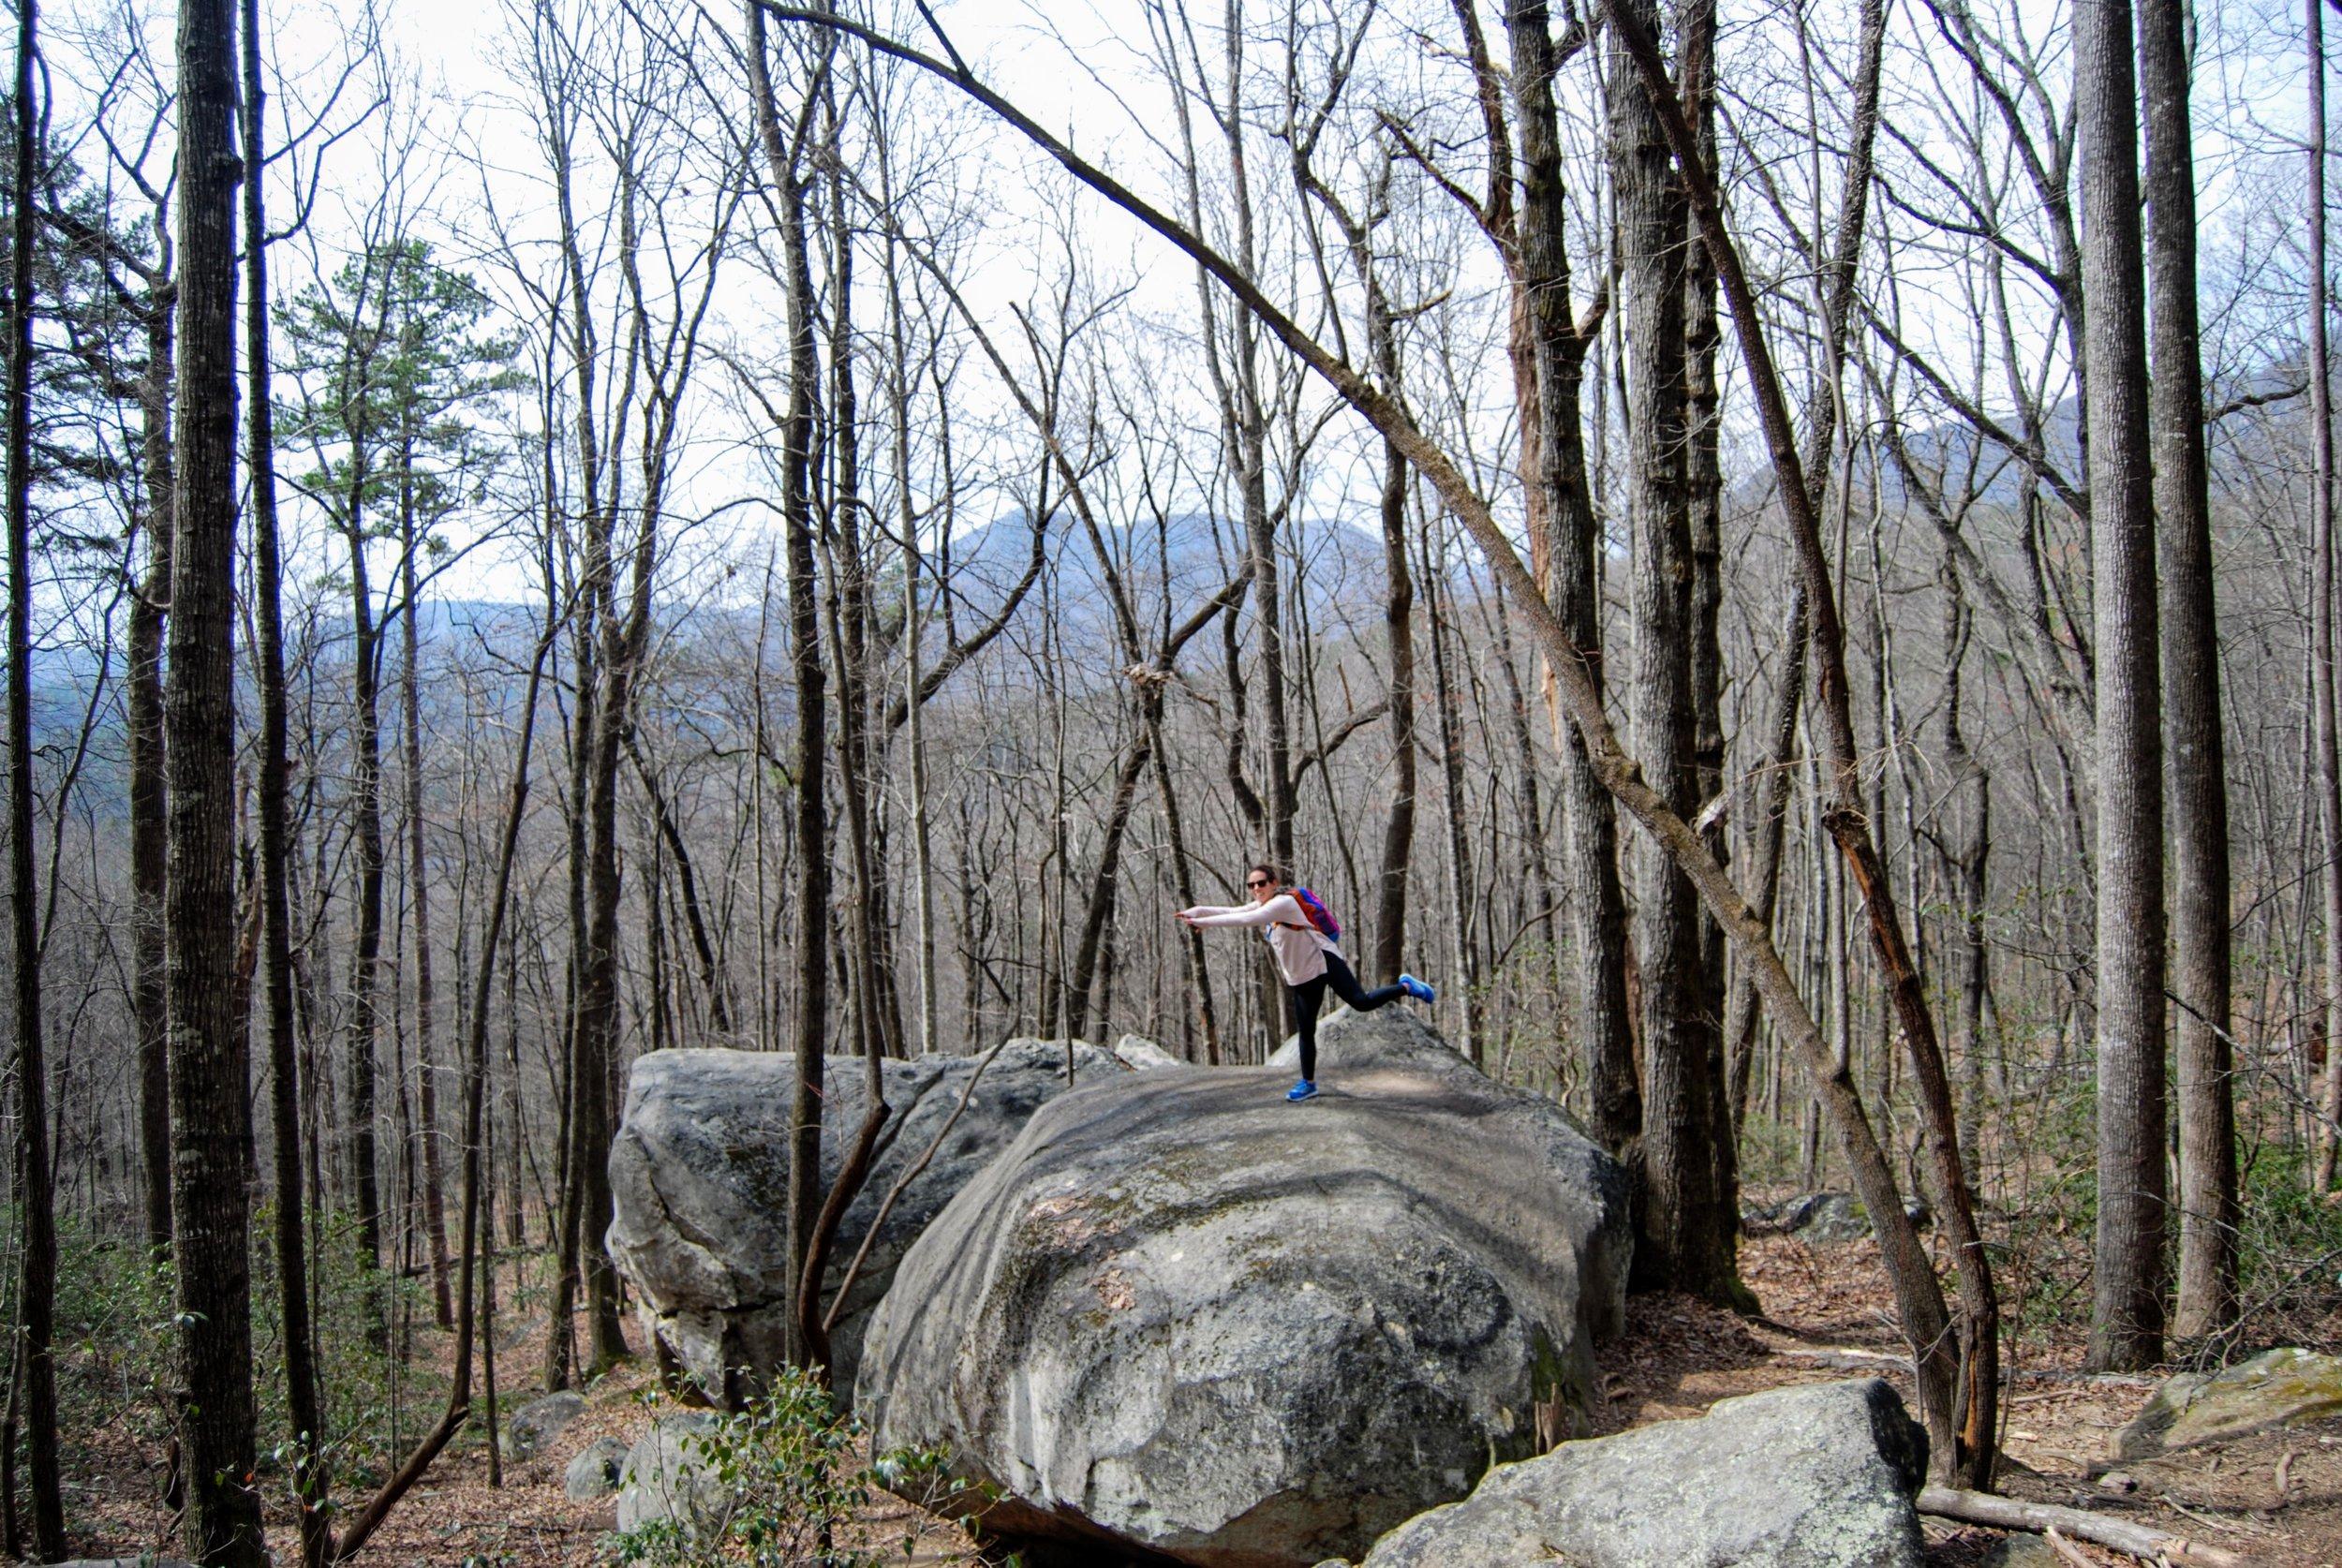 fun, giant boulders along the way